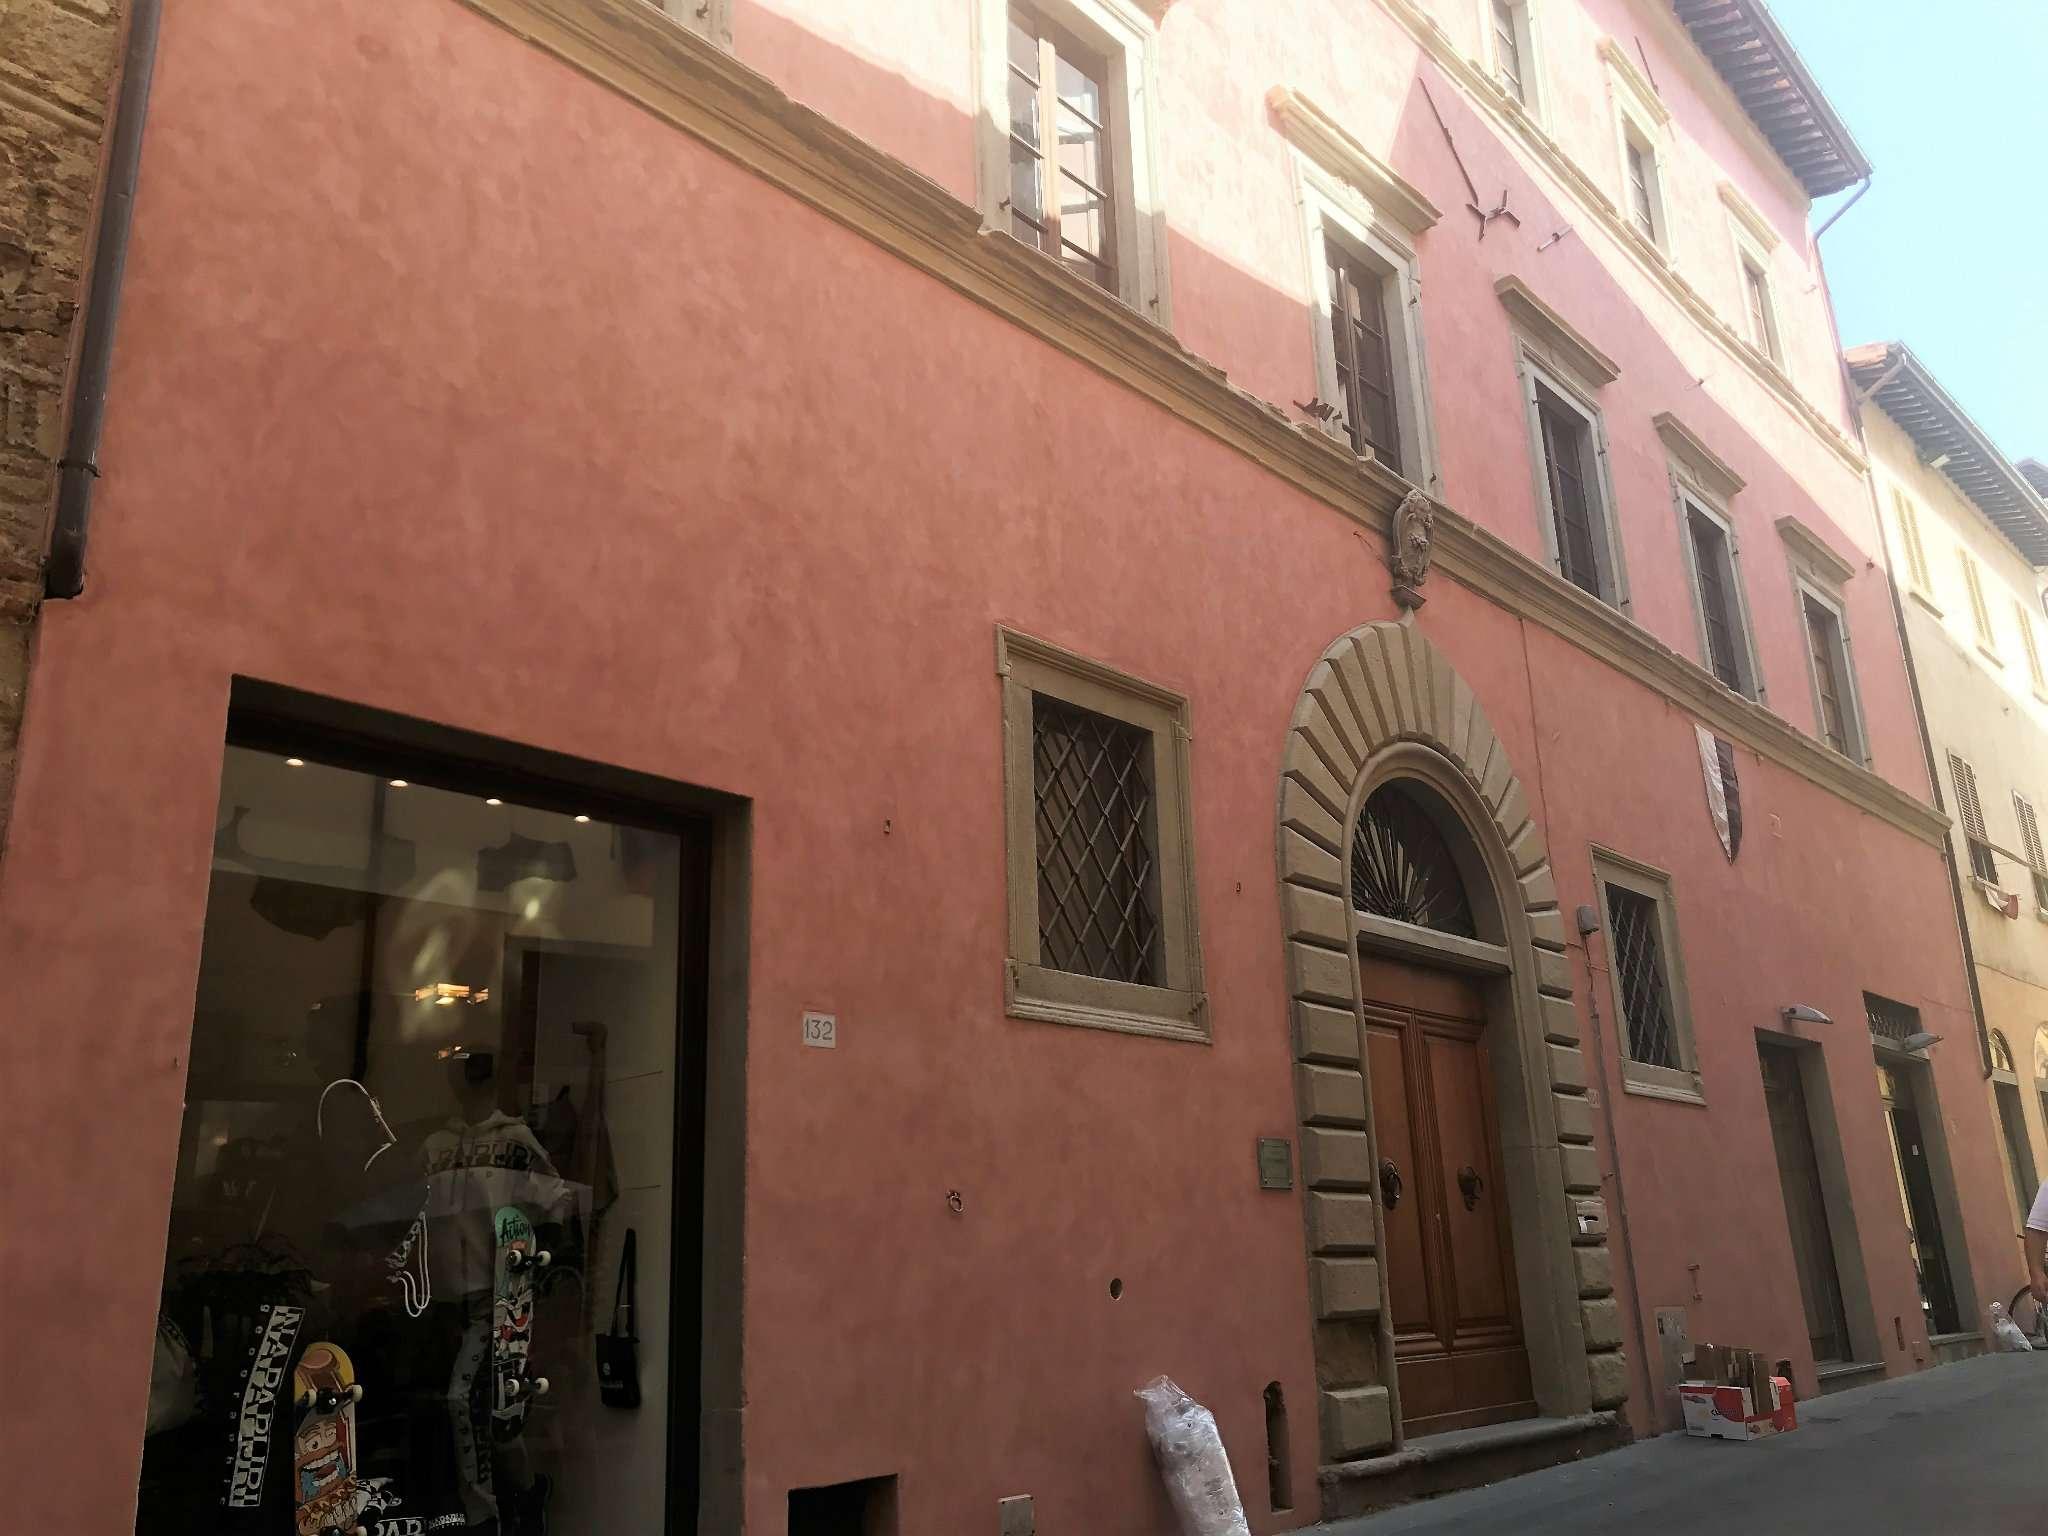 Ufficio / Studio in vendita a Sansepolcro, 4 locali, prezzo € 55.000 | CambioCasa.it